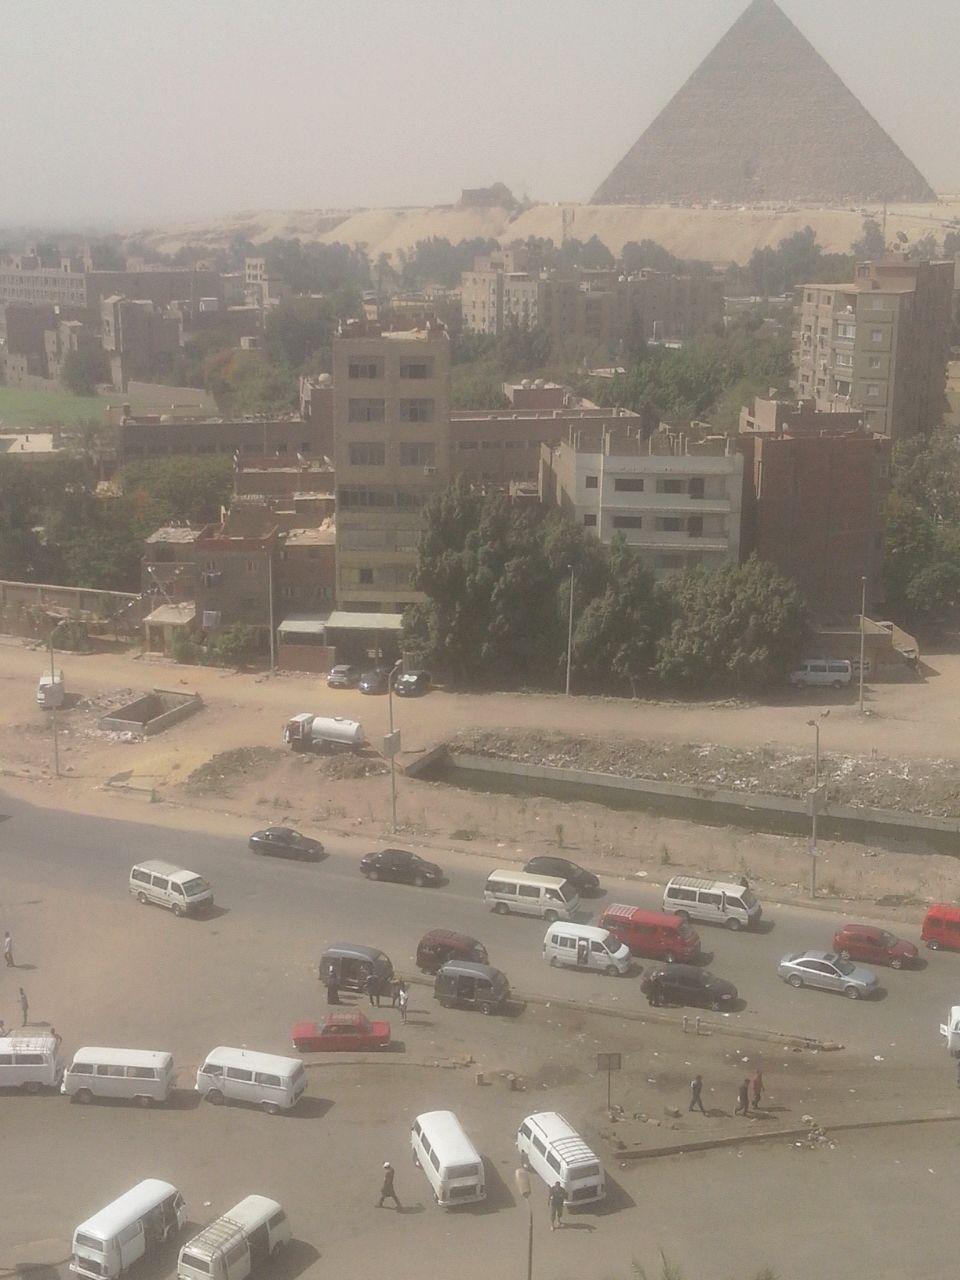 بالصور.. سيارة حكومية تفرغ حمولتها في ترعة المنصورية قرب الأهرامات